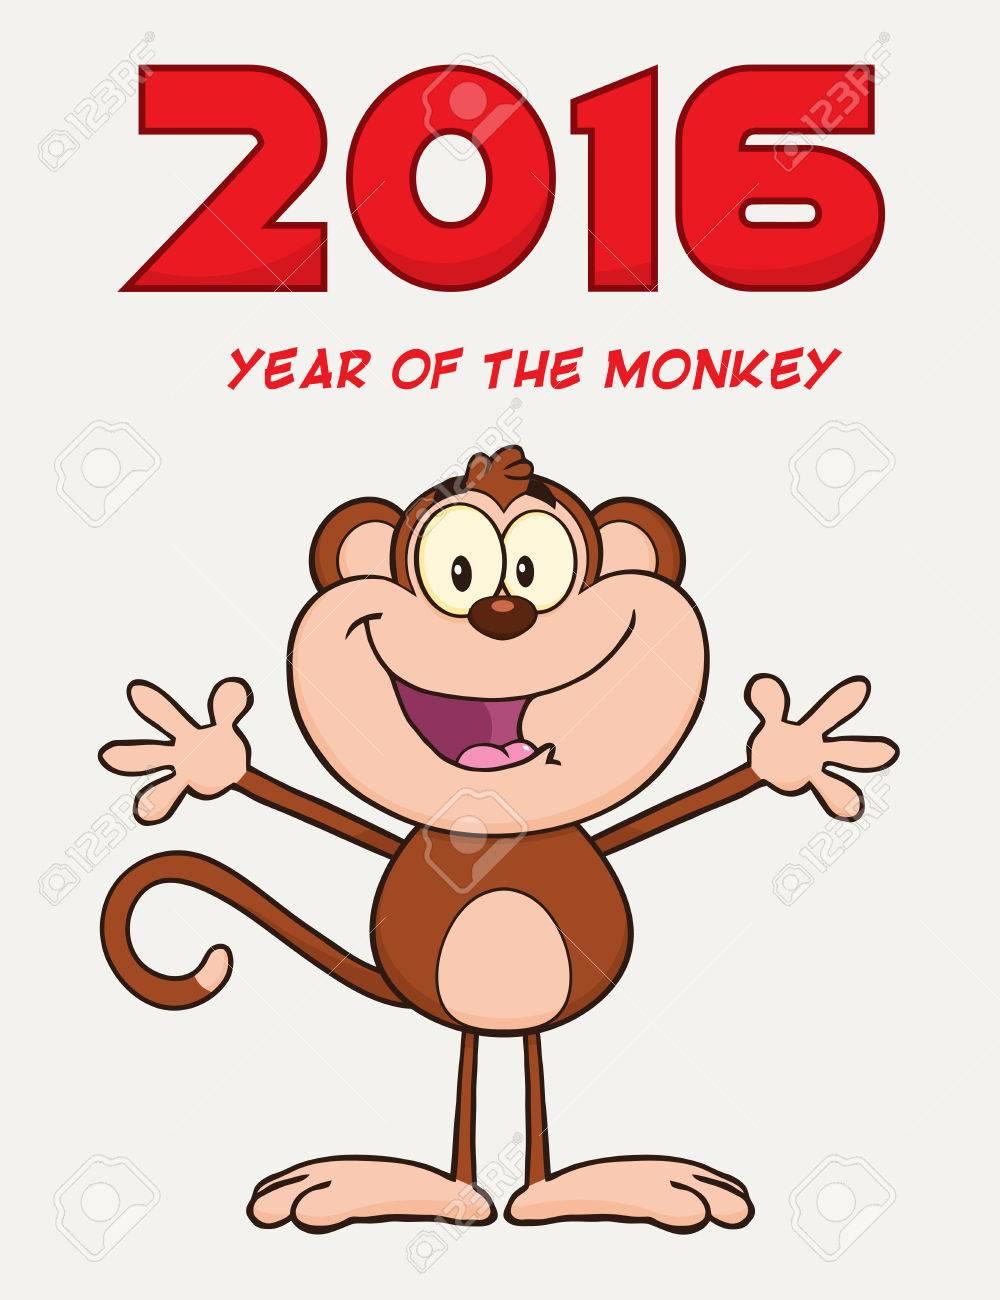 両手を広げてかわいい猿の漫画のキャラクター。年賀イラスト